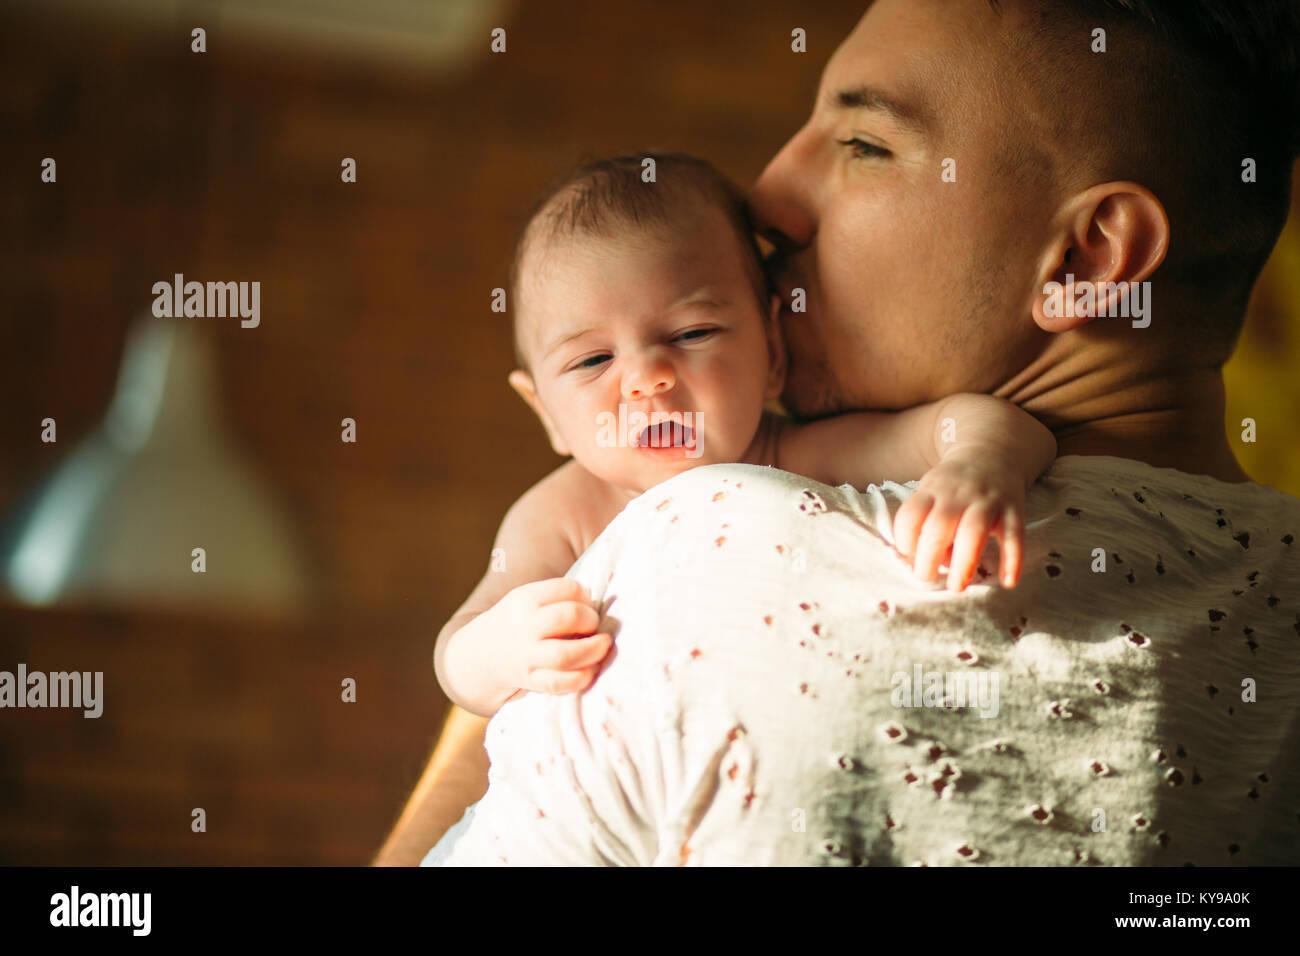 Junge Vater seinen neugeborenen Sohn Holding Stockbild